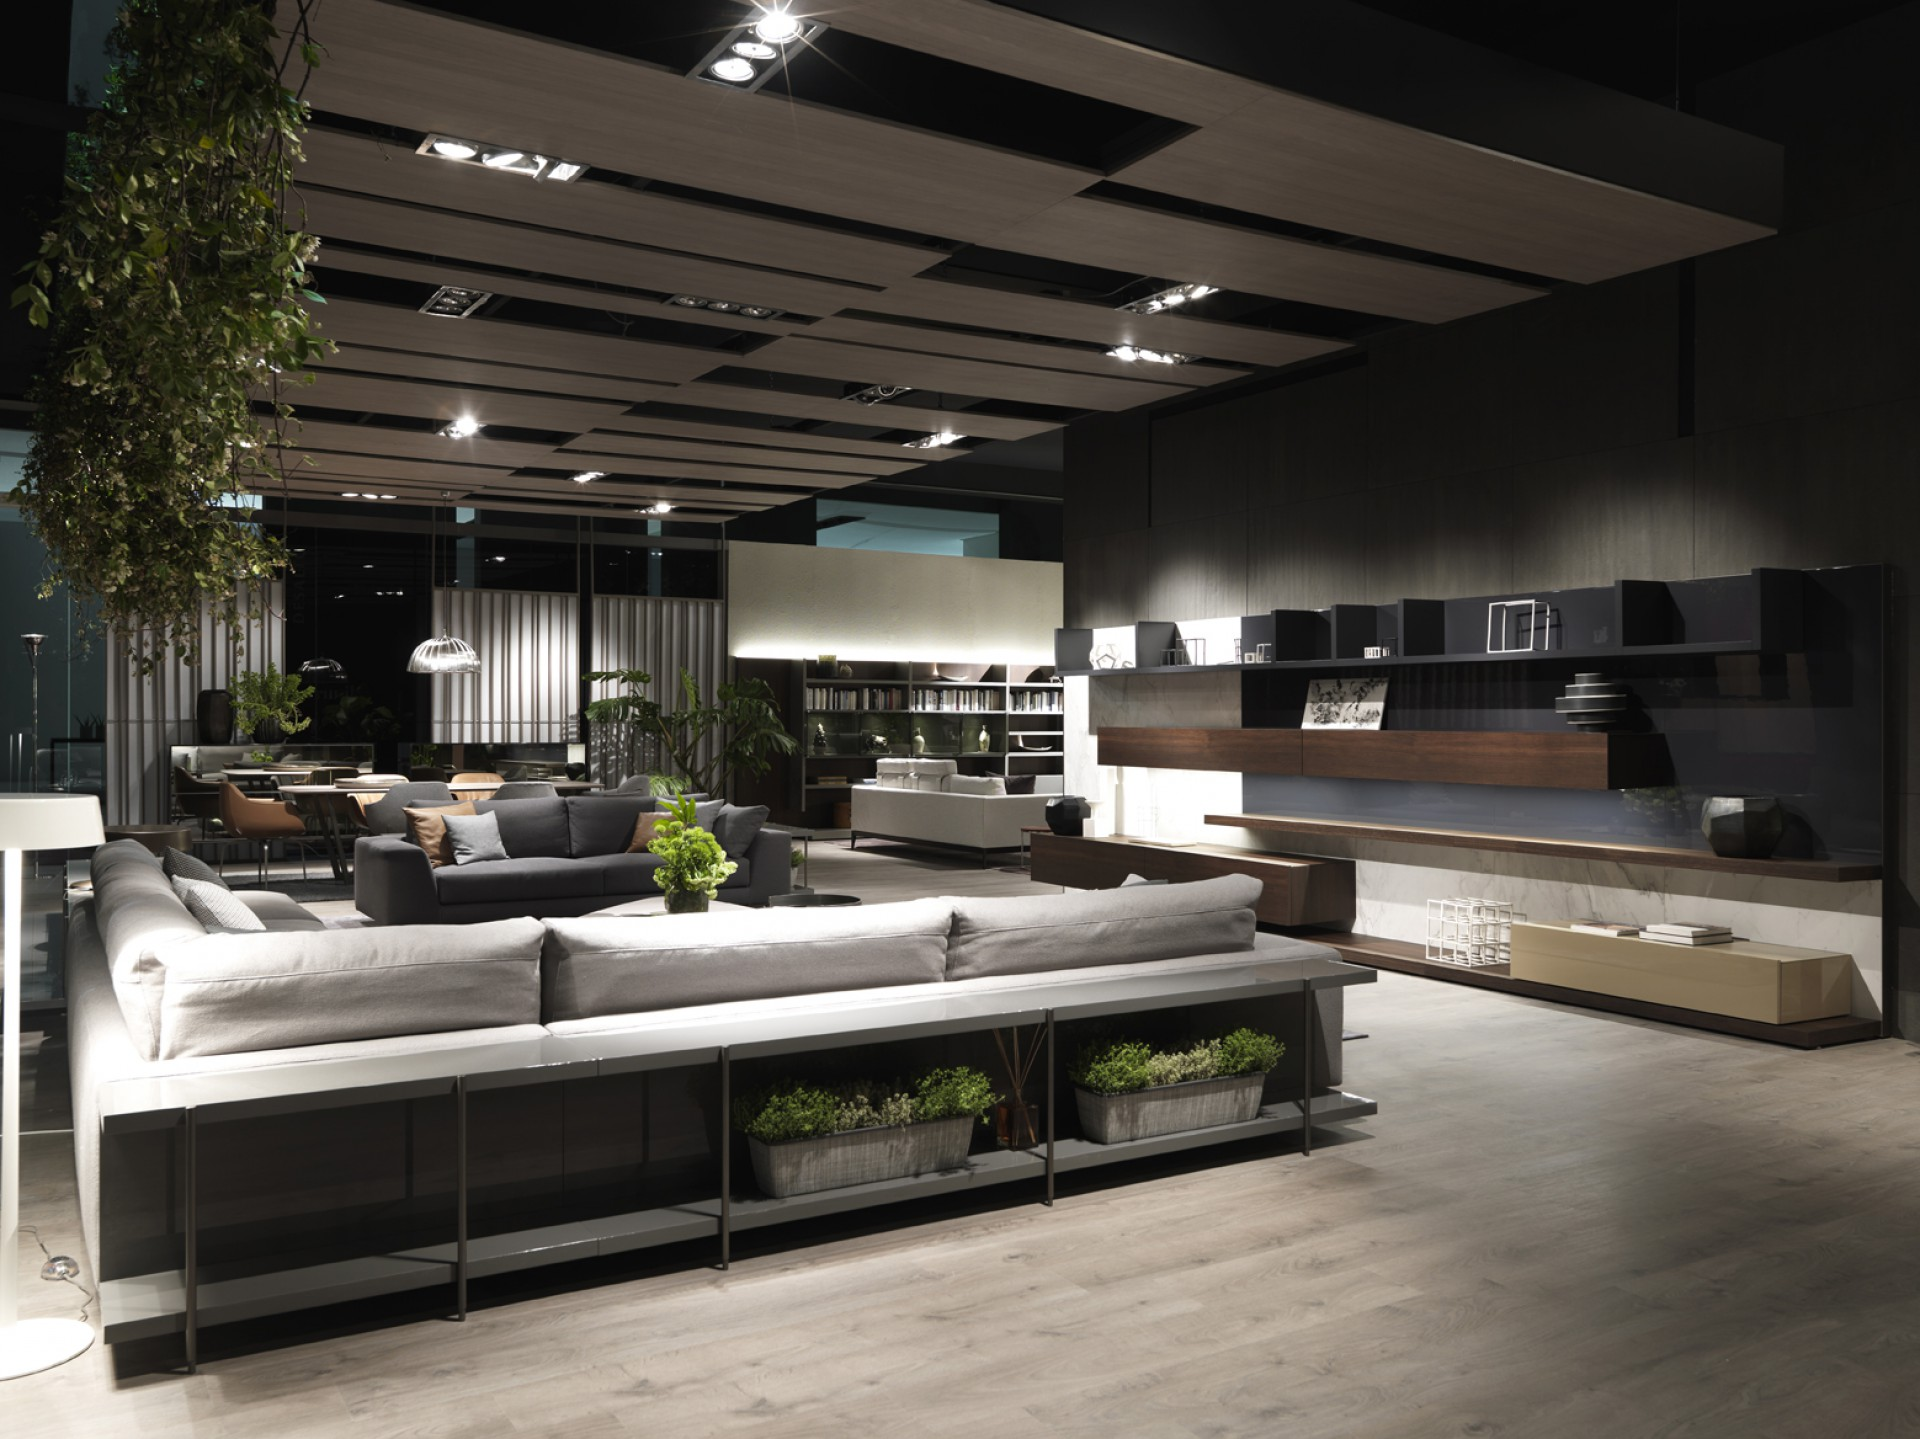 Salone del mobile milano 2015 misuraemme for Milano salone 2015